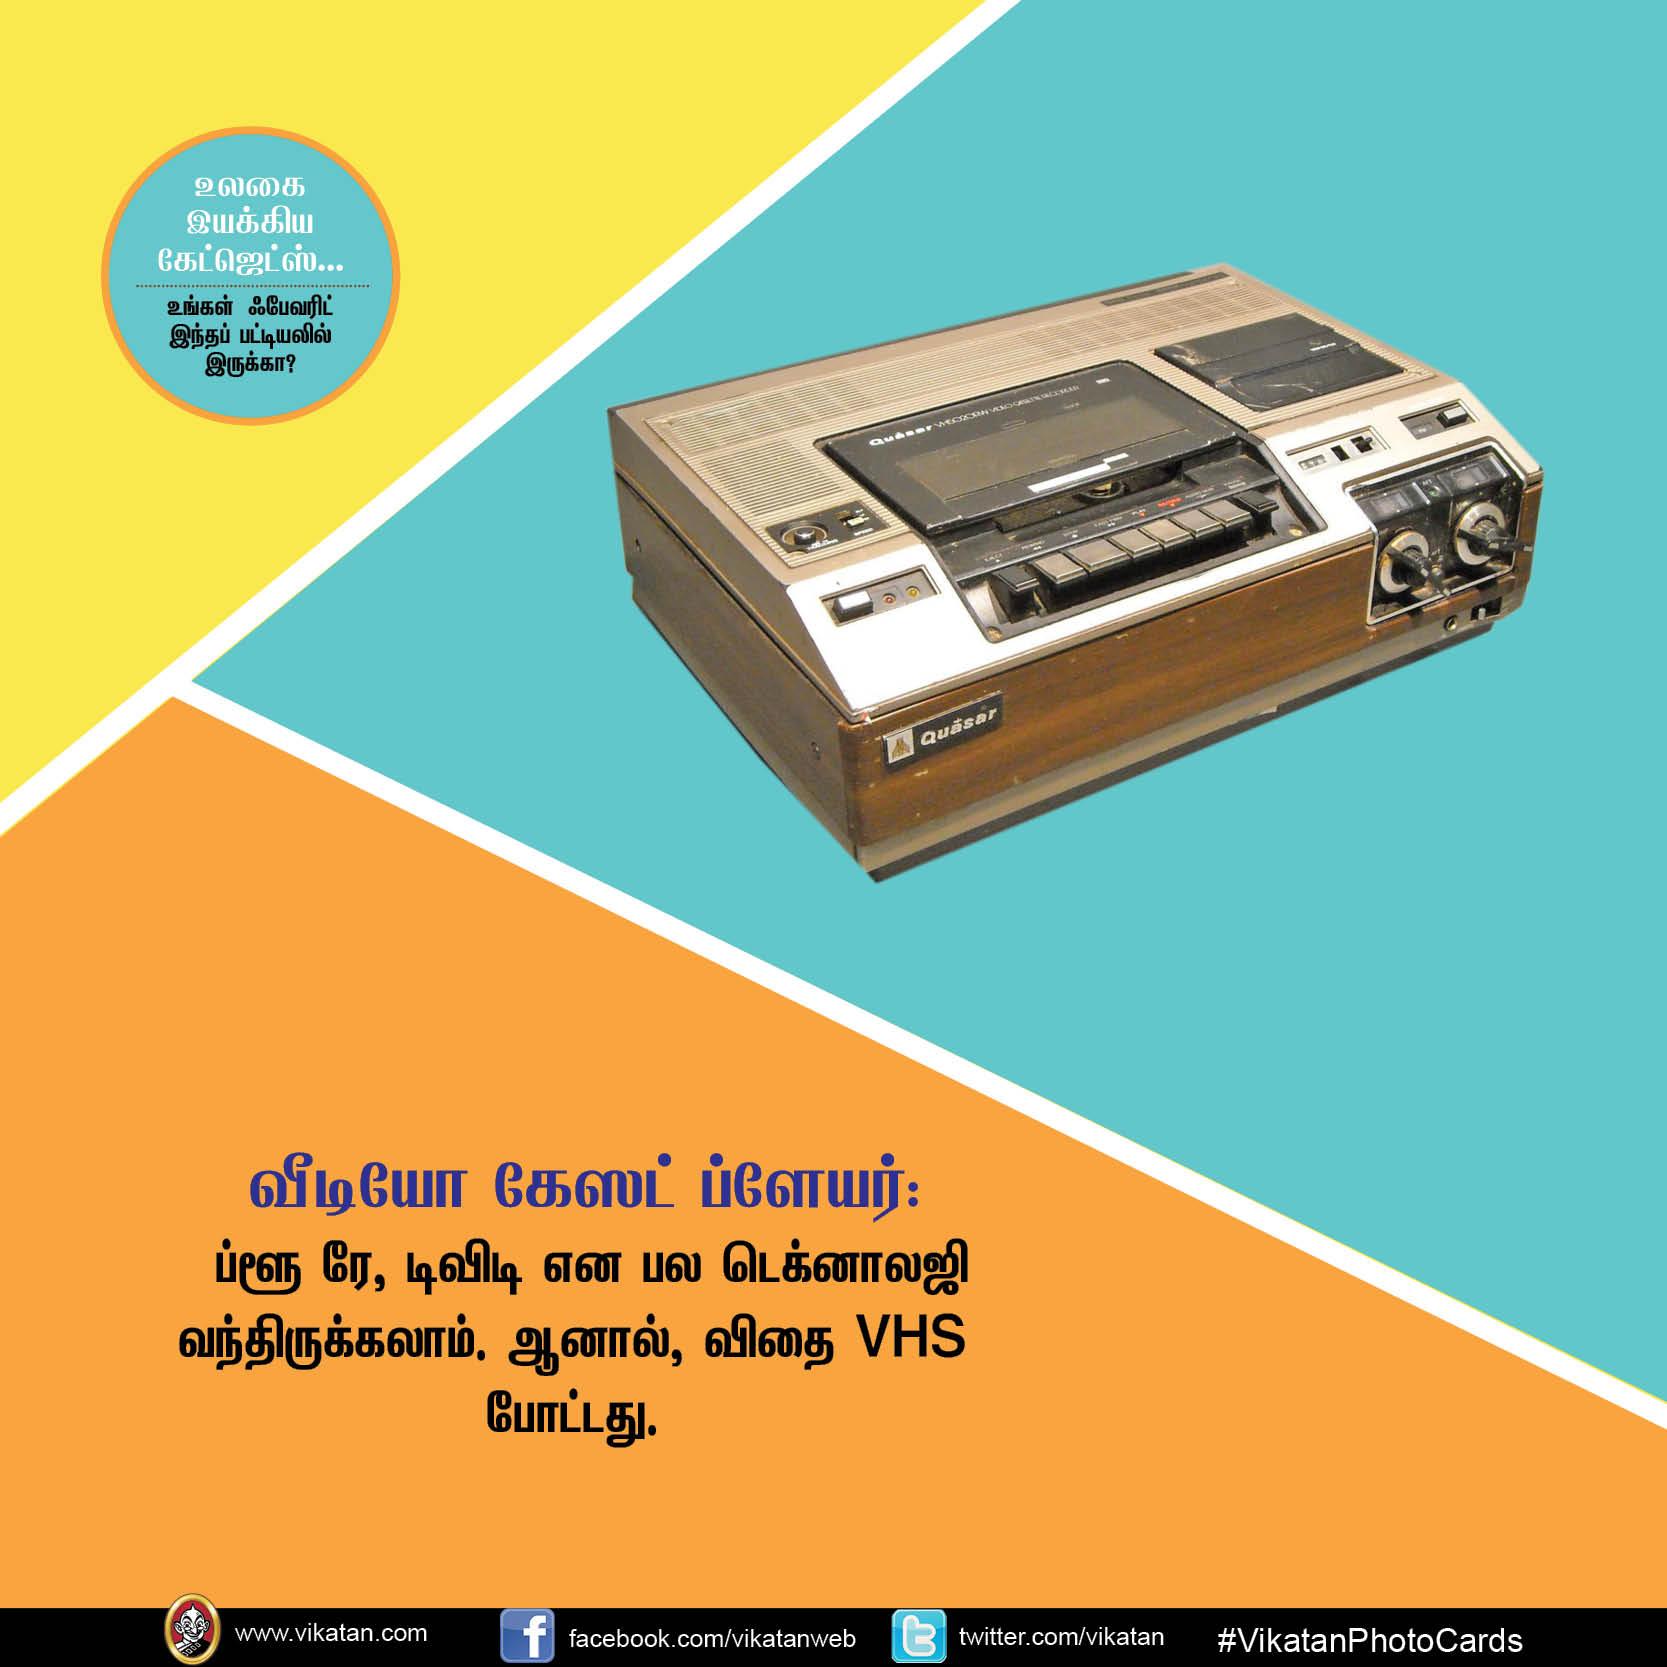 உலகை இயக்கிய கேட்ஜெட்ஸ்... உங்கள் ஃபேவரிட் இந்தப் பட்டியலில் இருக்கா? #VikatanPhotoCards